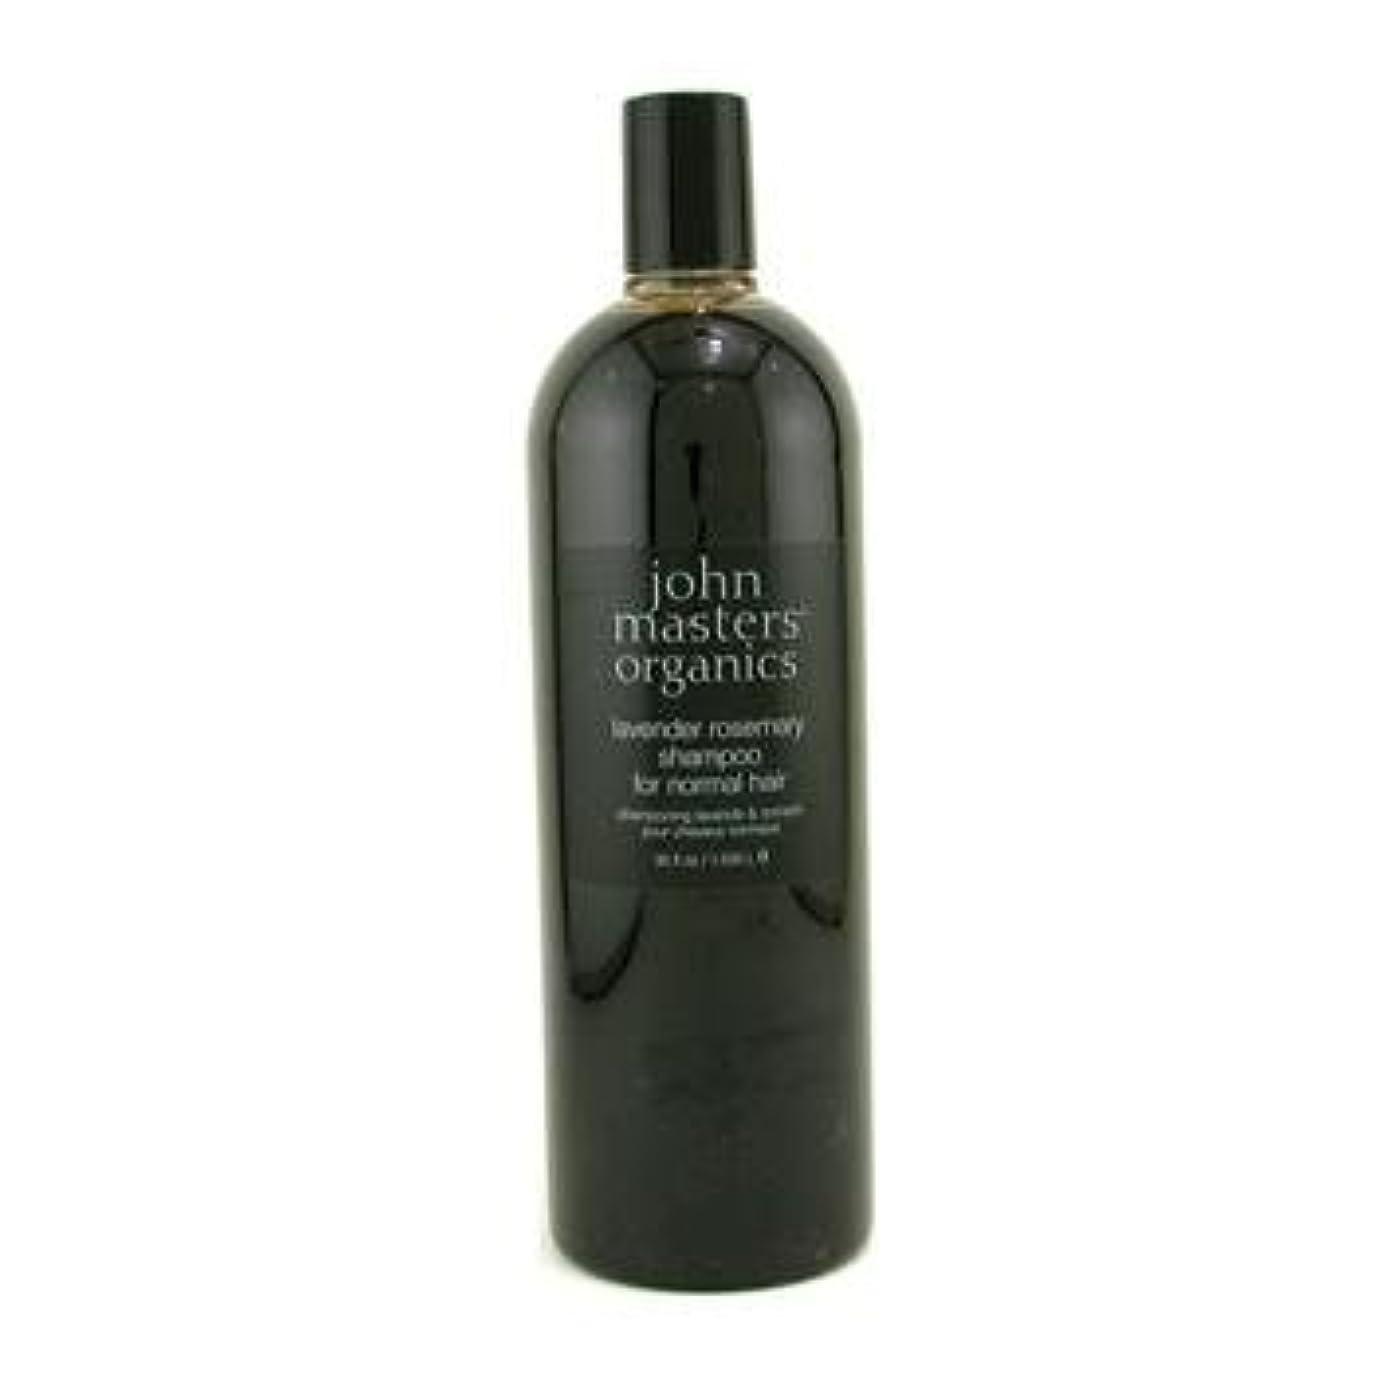 [John Masters Organics(ジョン ? マスターズ オーガニック)] ラベンダーのローズマリー シャンプー (通常の髪の) 1035ml/35oz